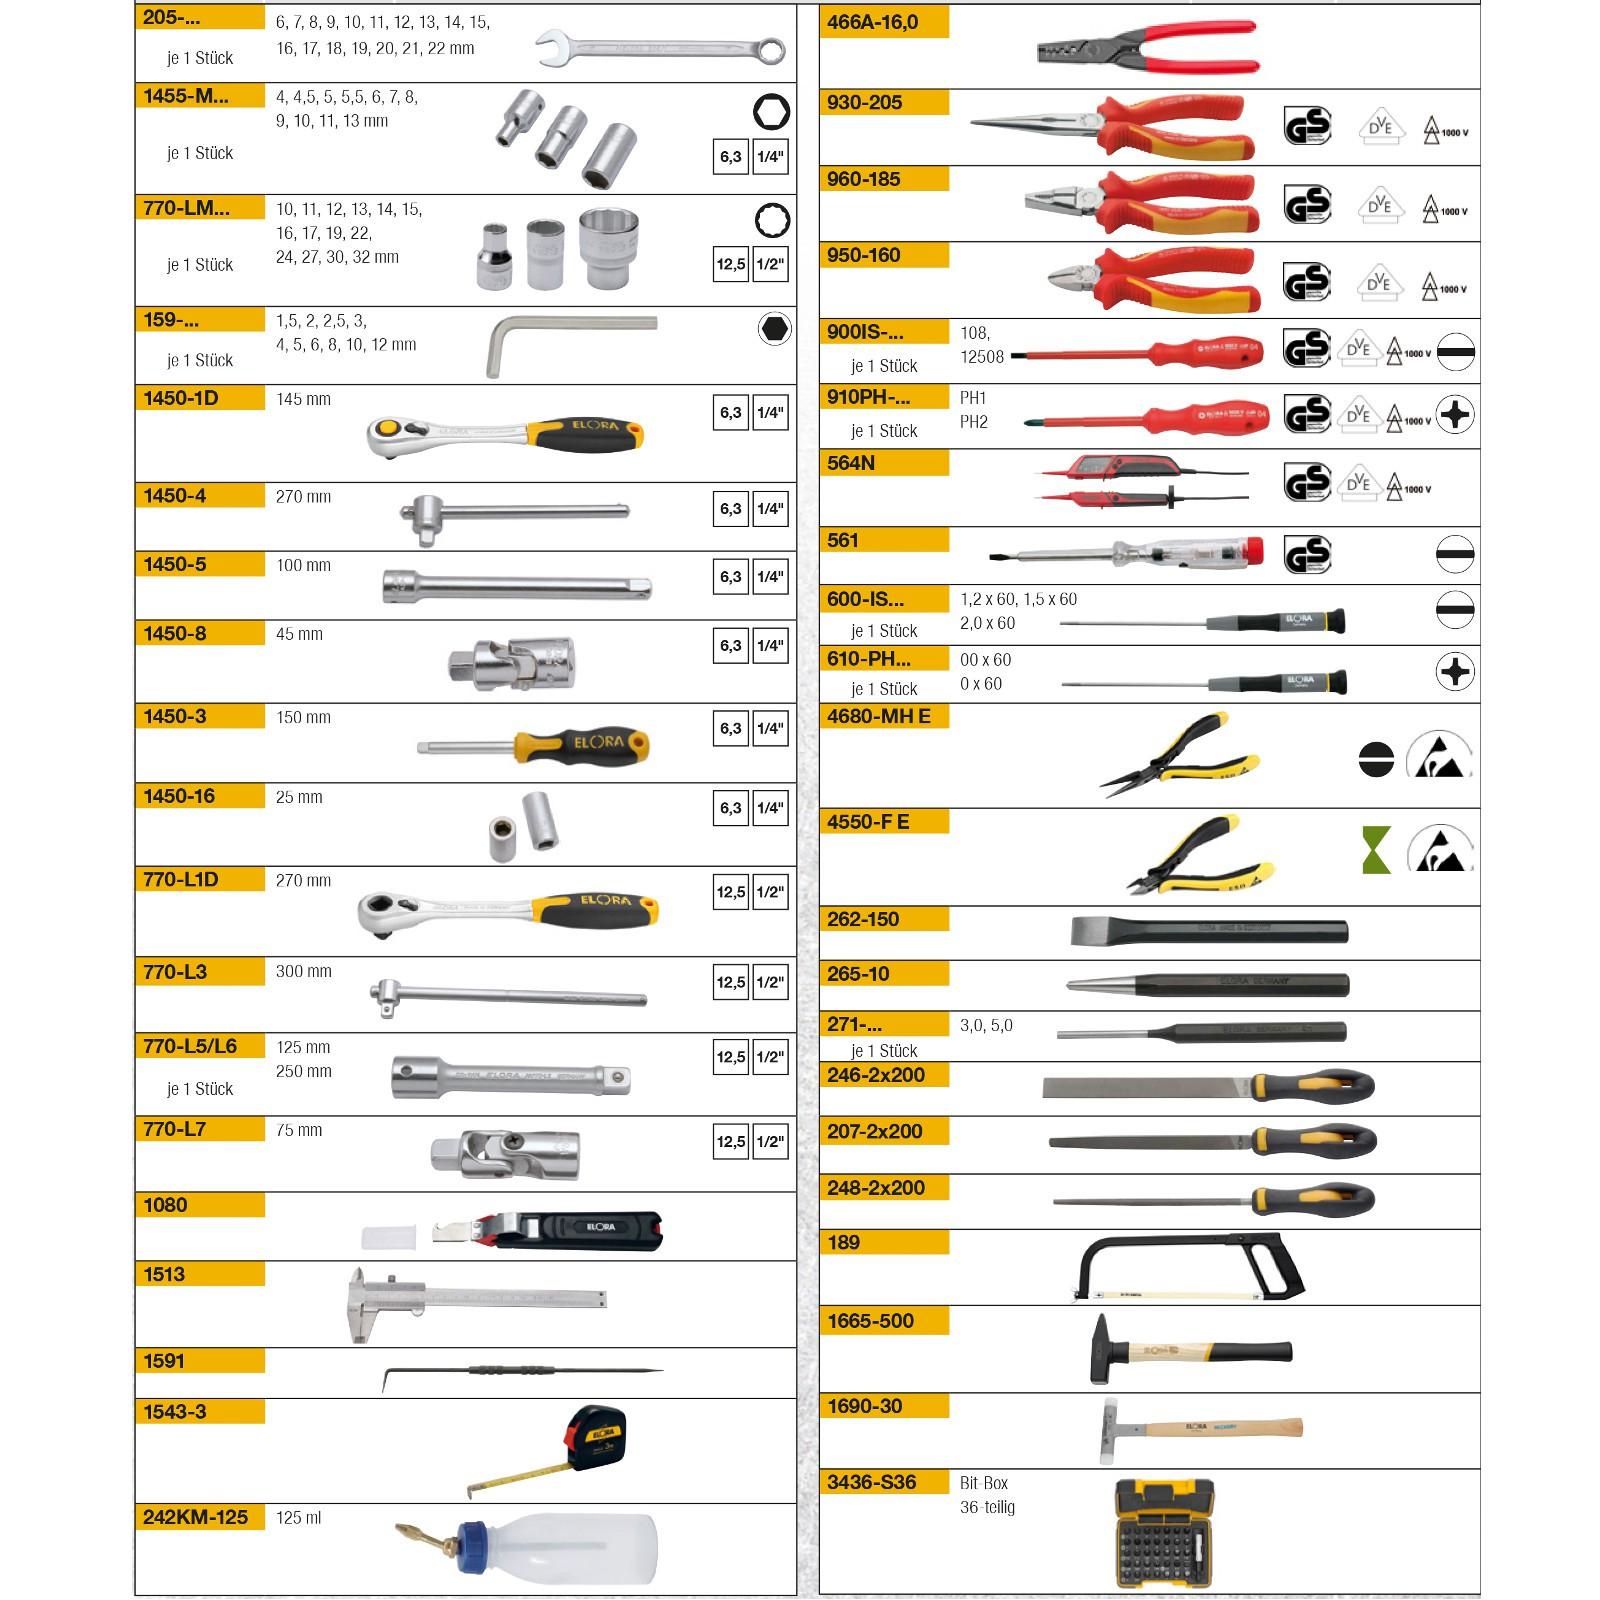 werkzeugsortiment mechatroniker ws-4m - 131 tlg. von elora